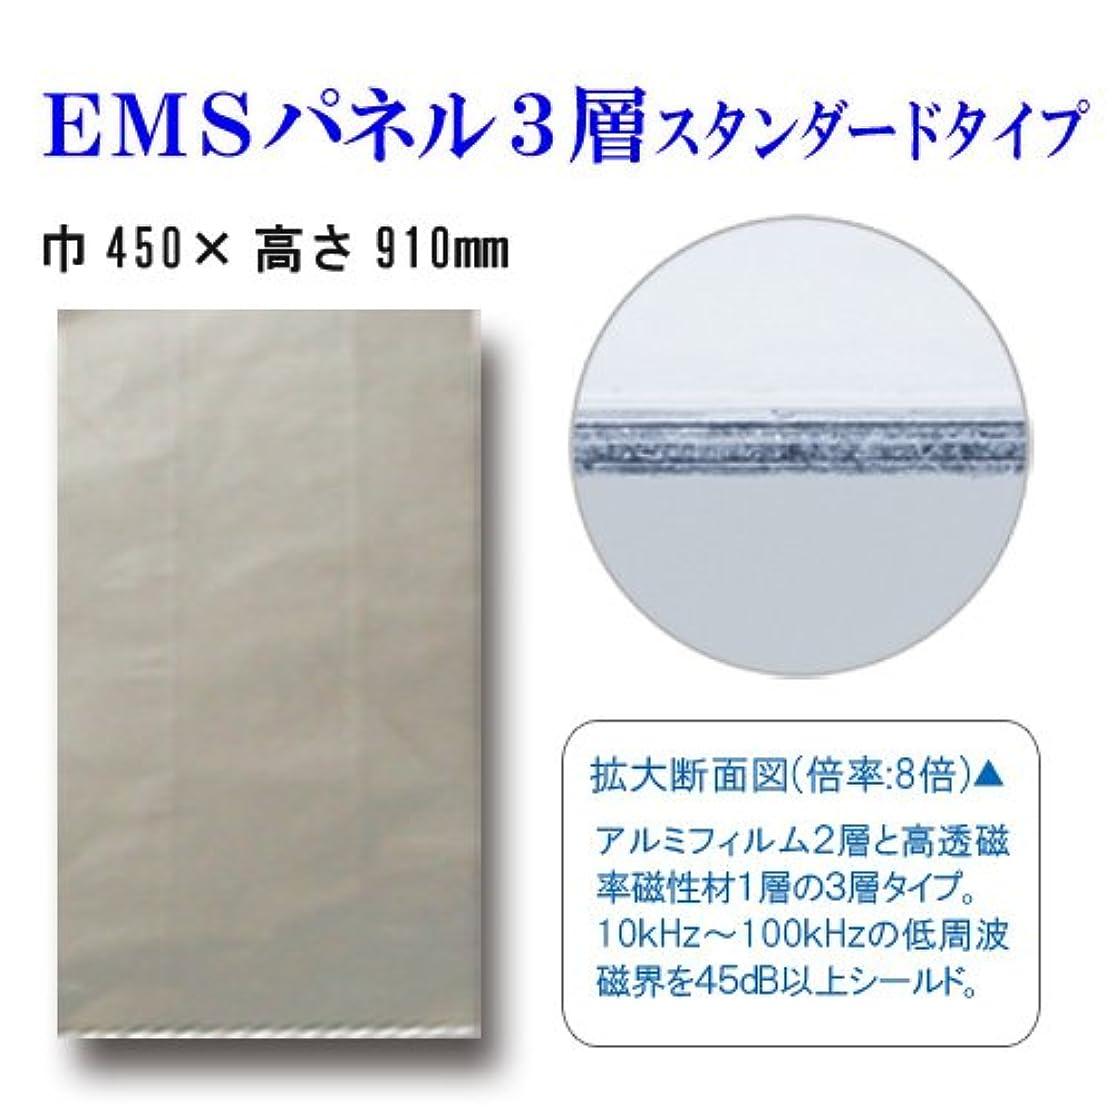 マート期待してアミューズEMSパネル3層-標準タイプ(低周波磁界対策)450×910mm